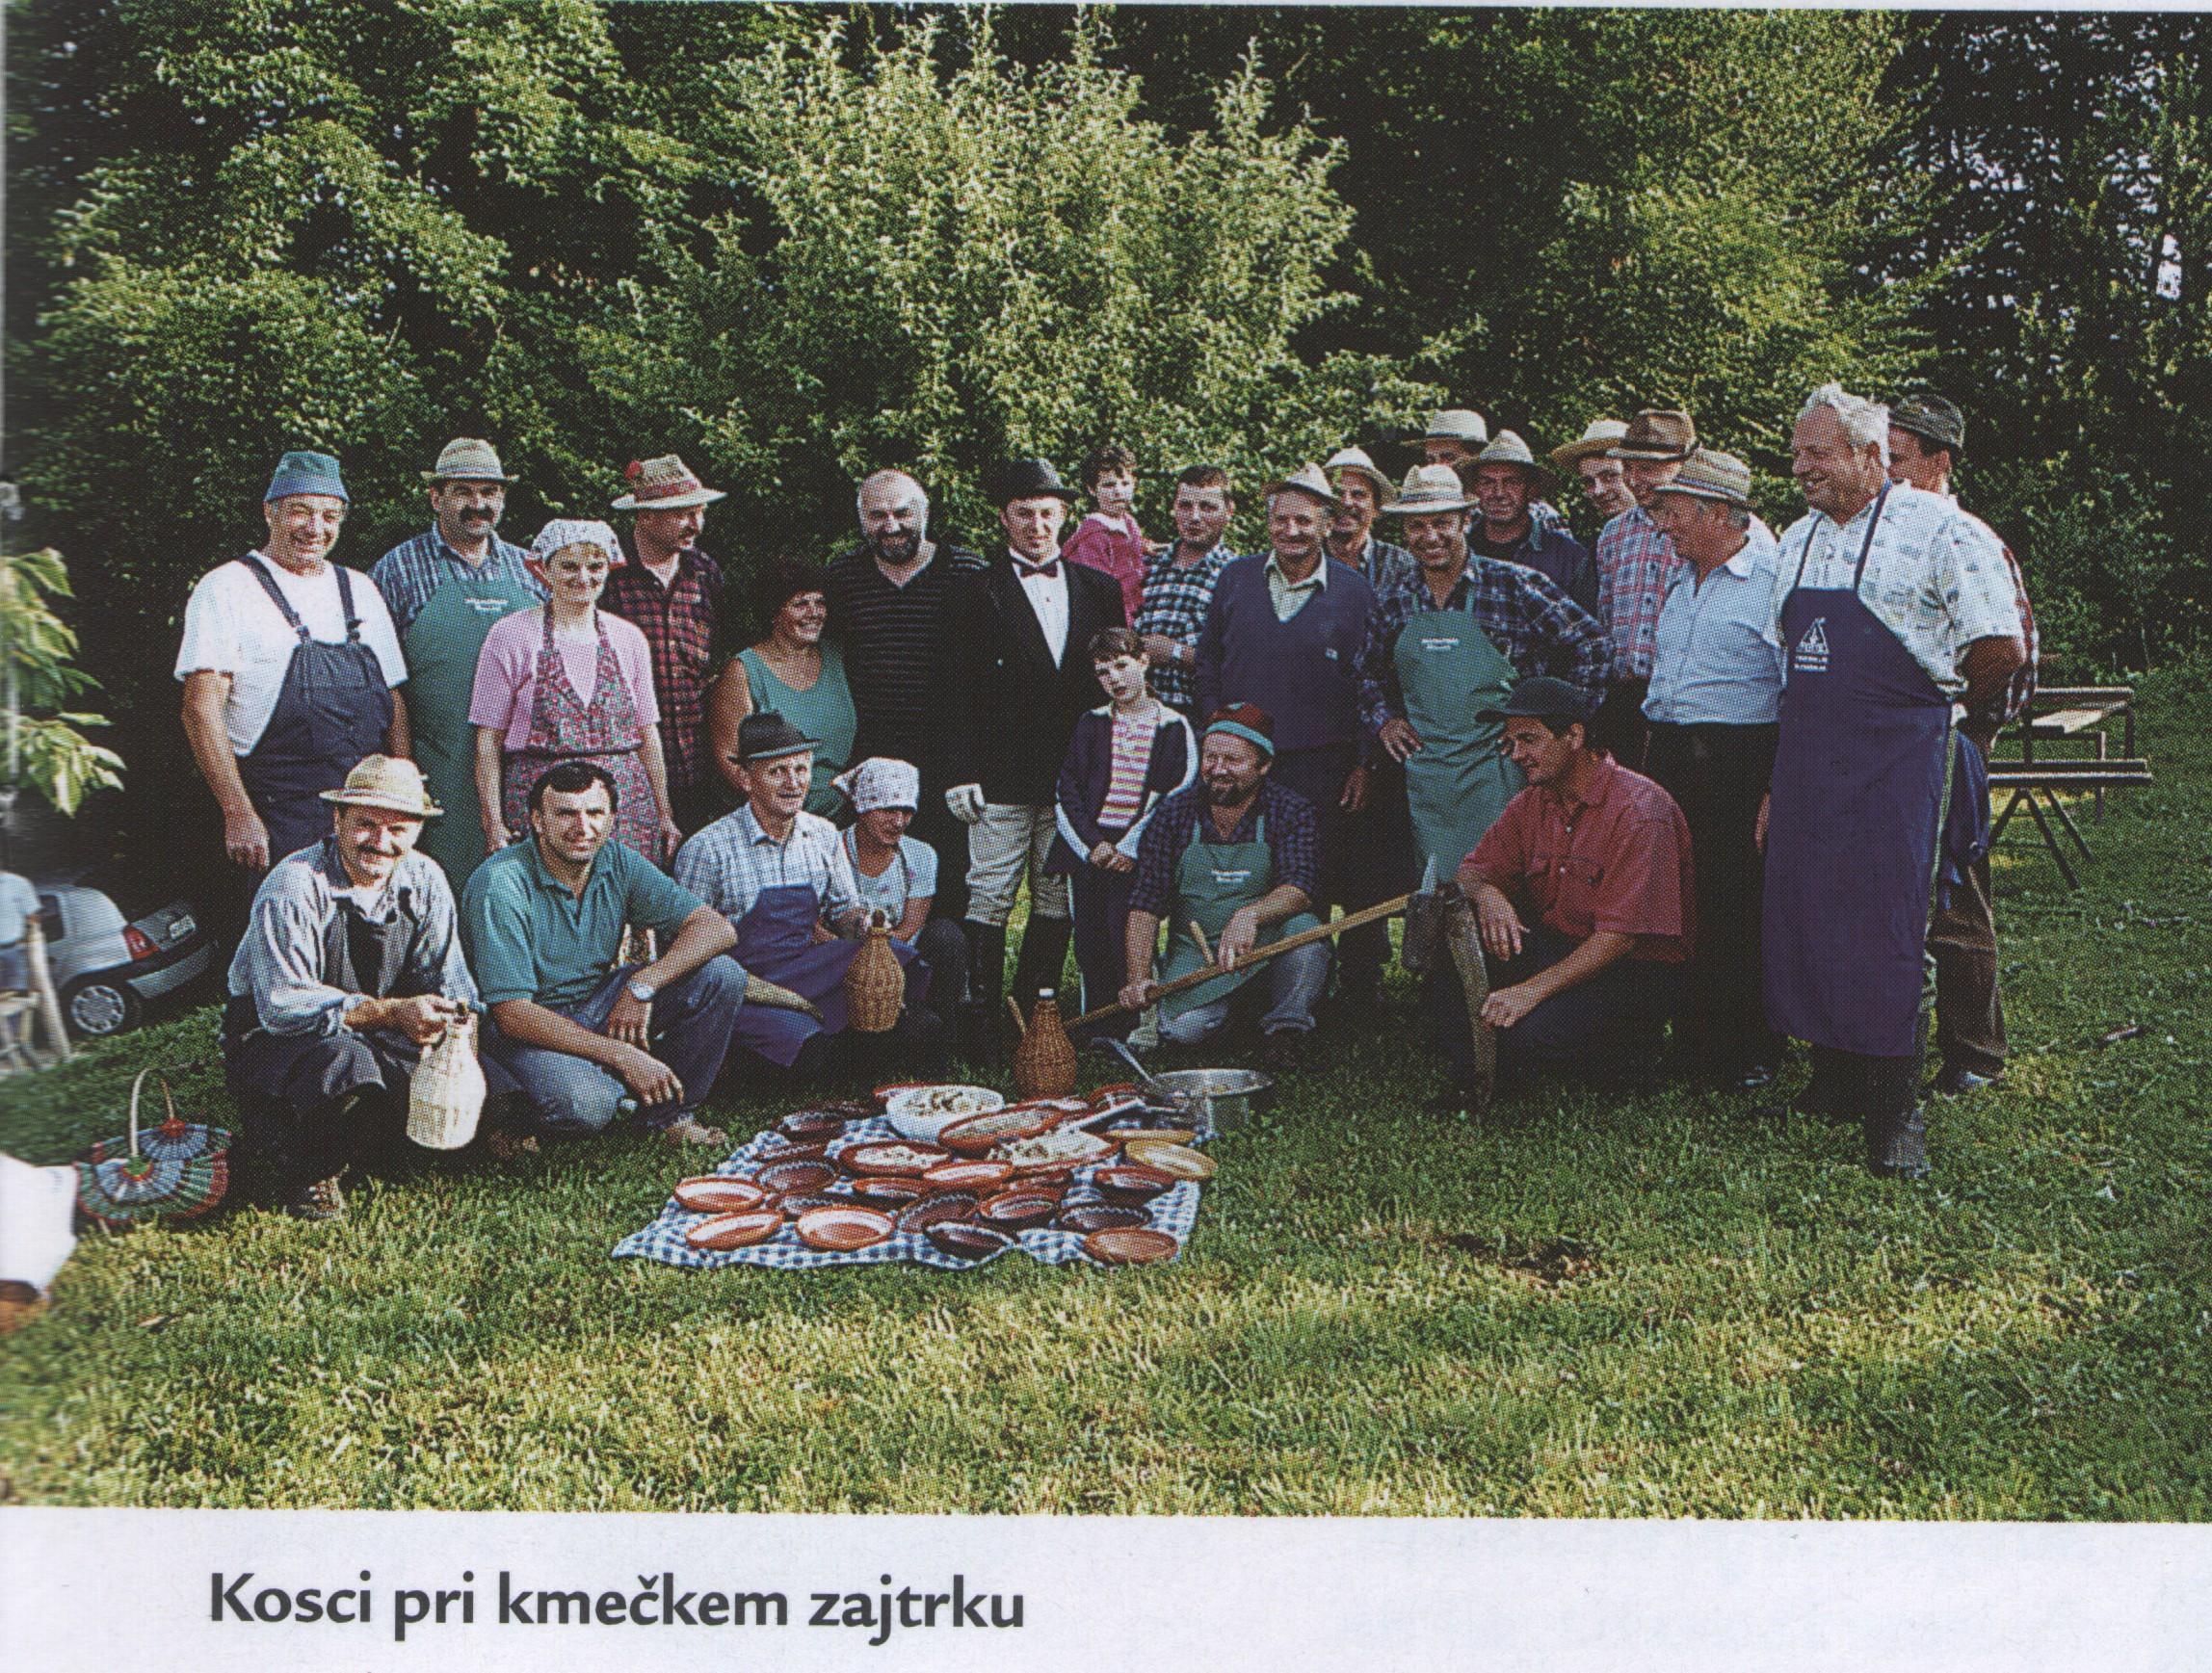 kosci_1995-2004